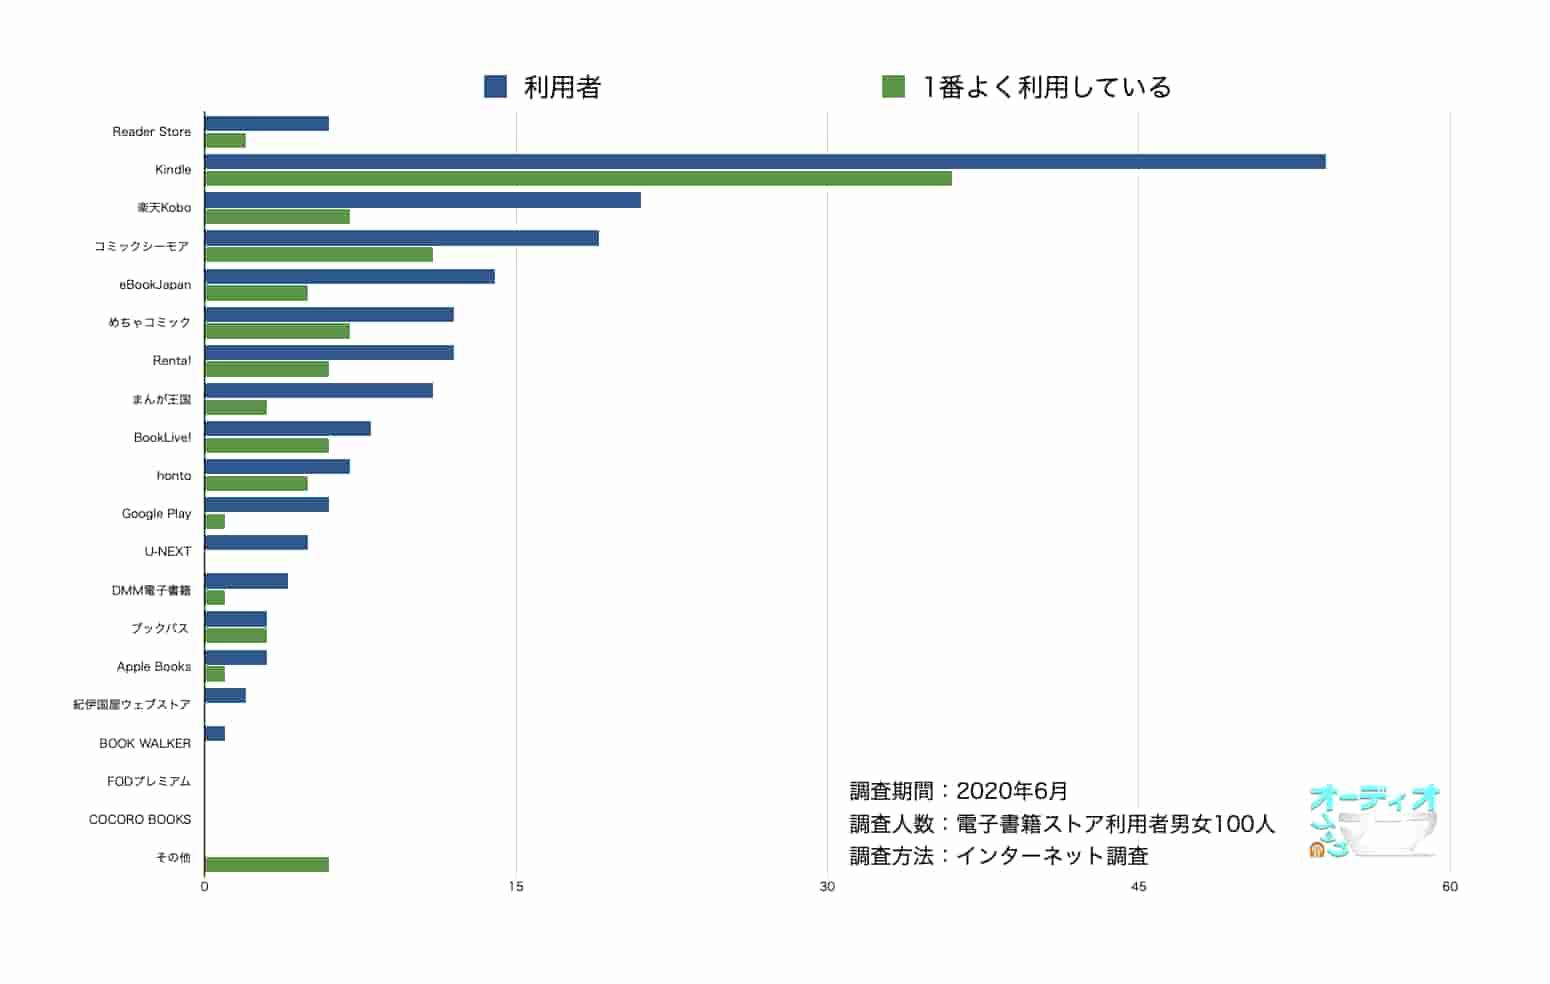 電子書籍ストア100人に聞いたアンケート結果(Reader Store強調版)